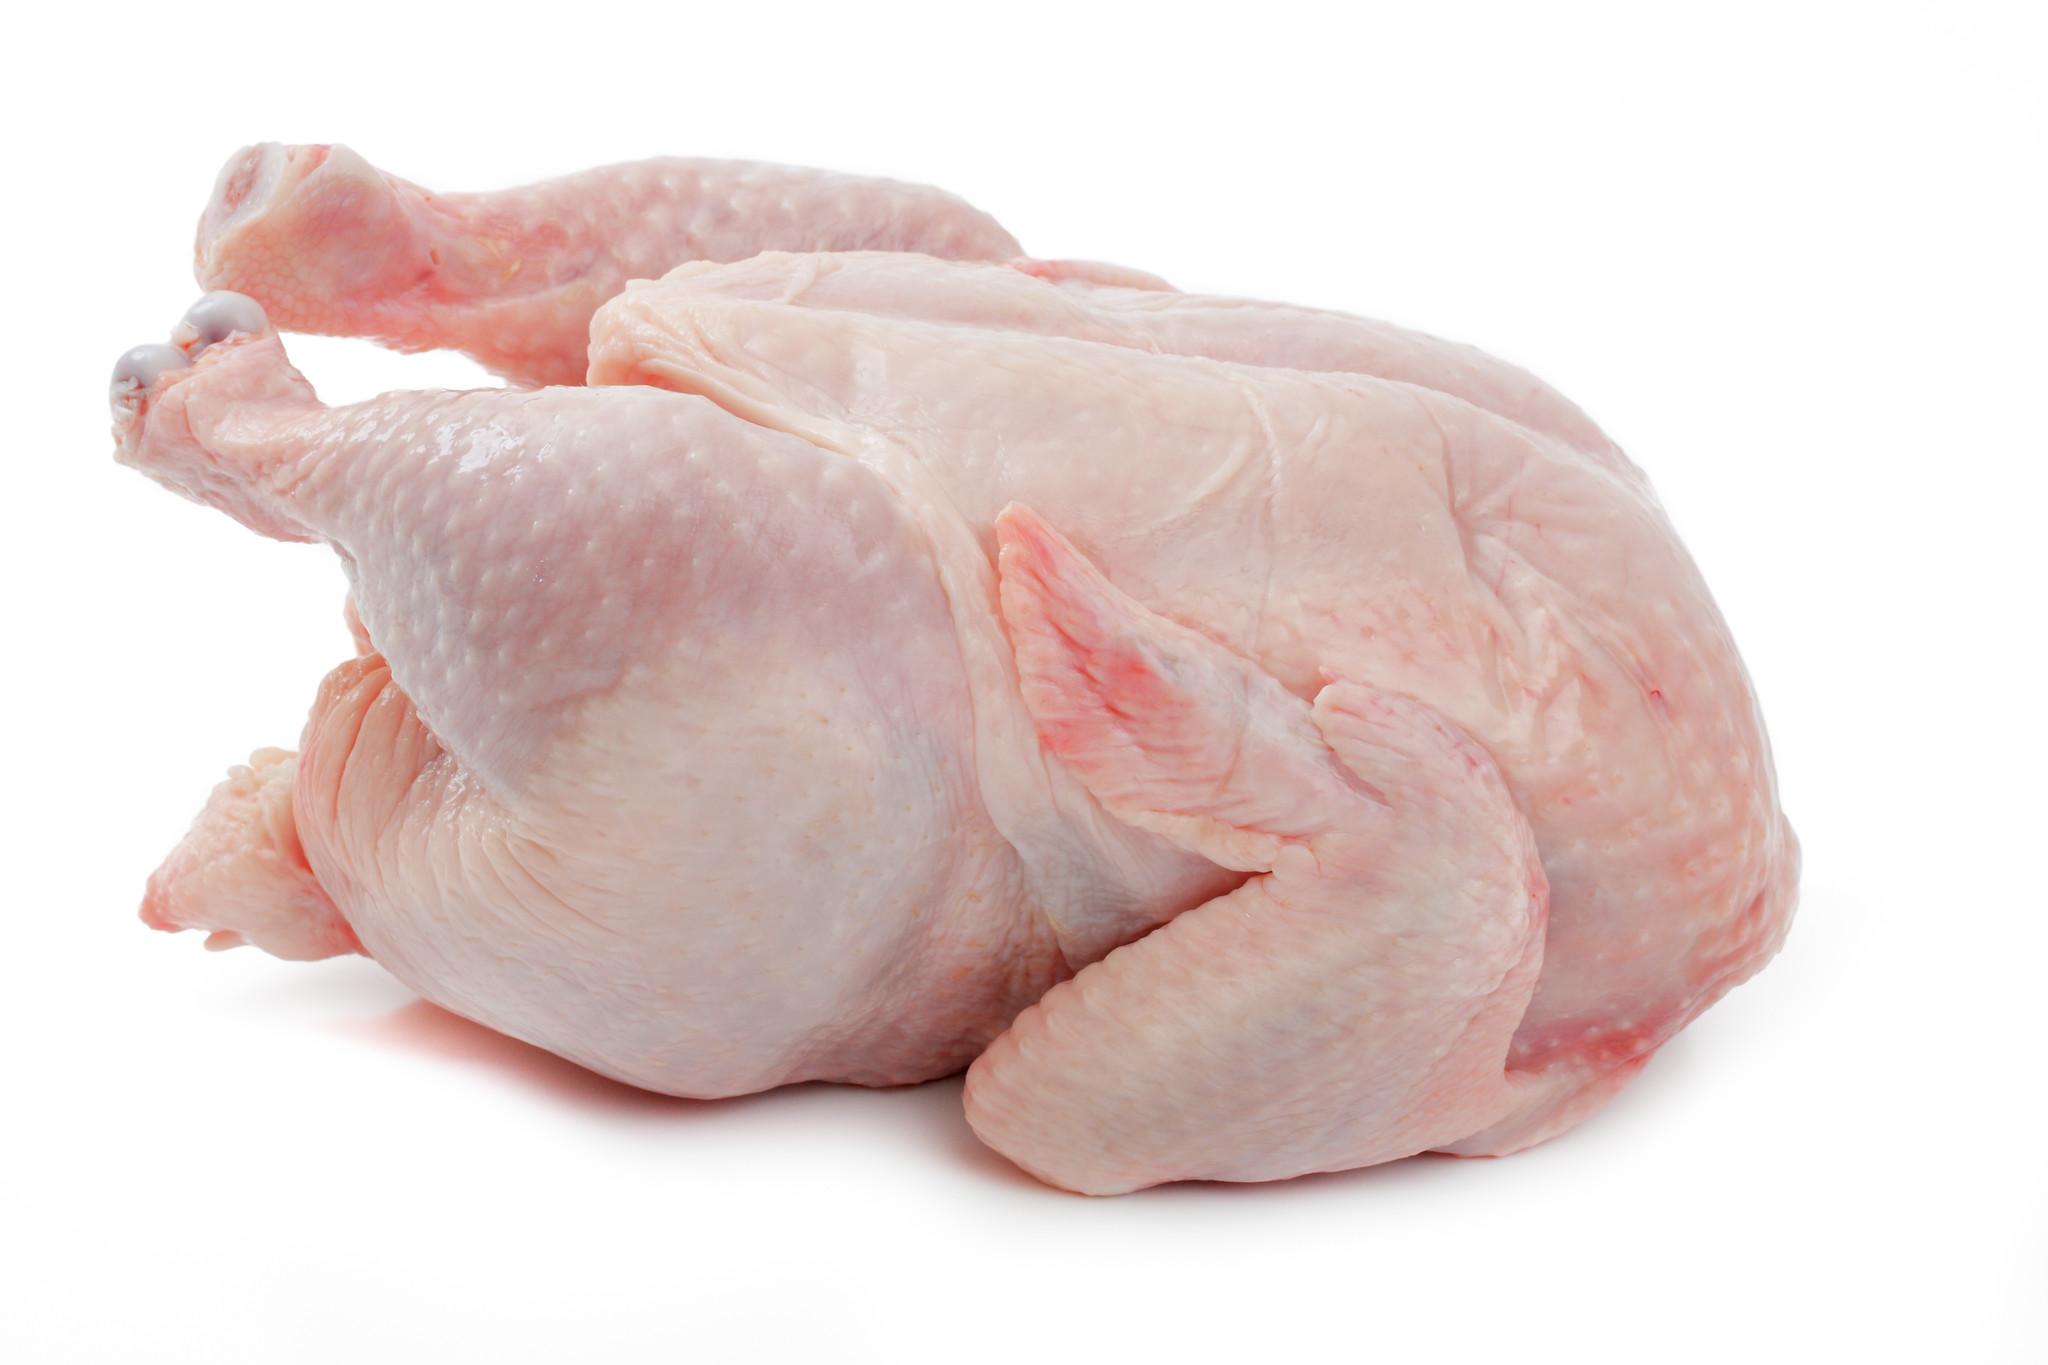 تناول هذه القطعة من الدجاج